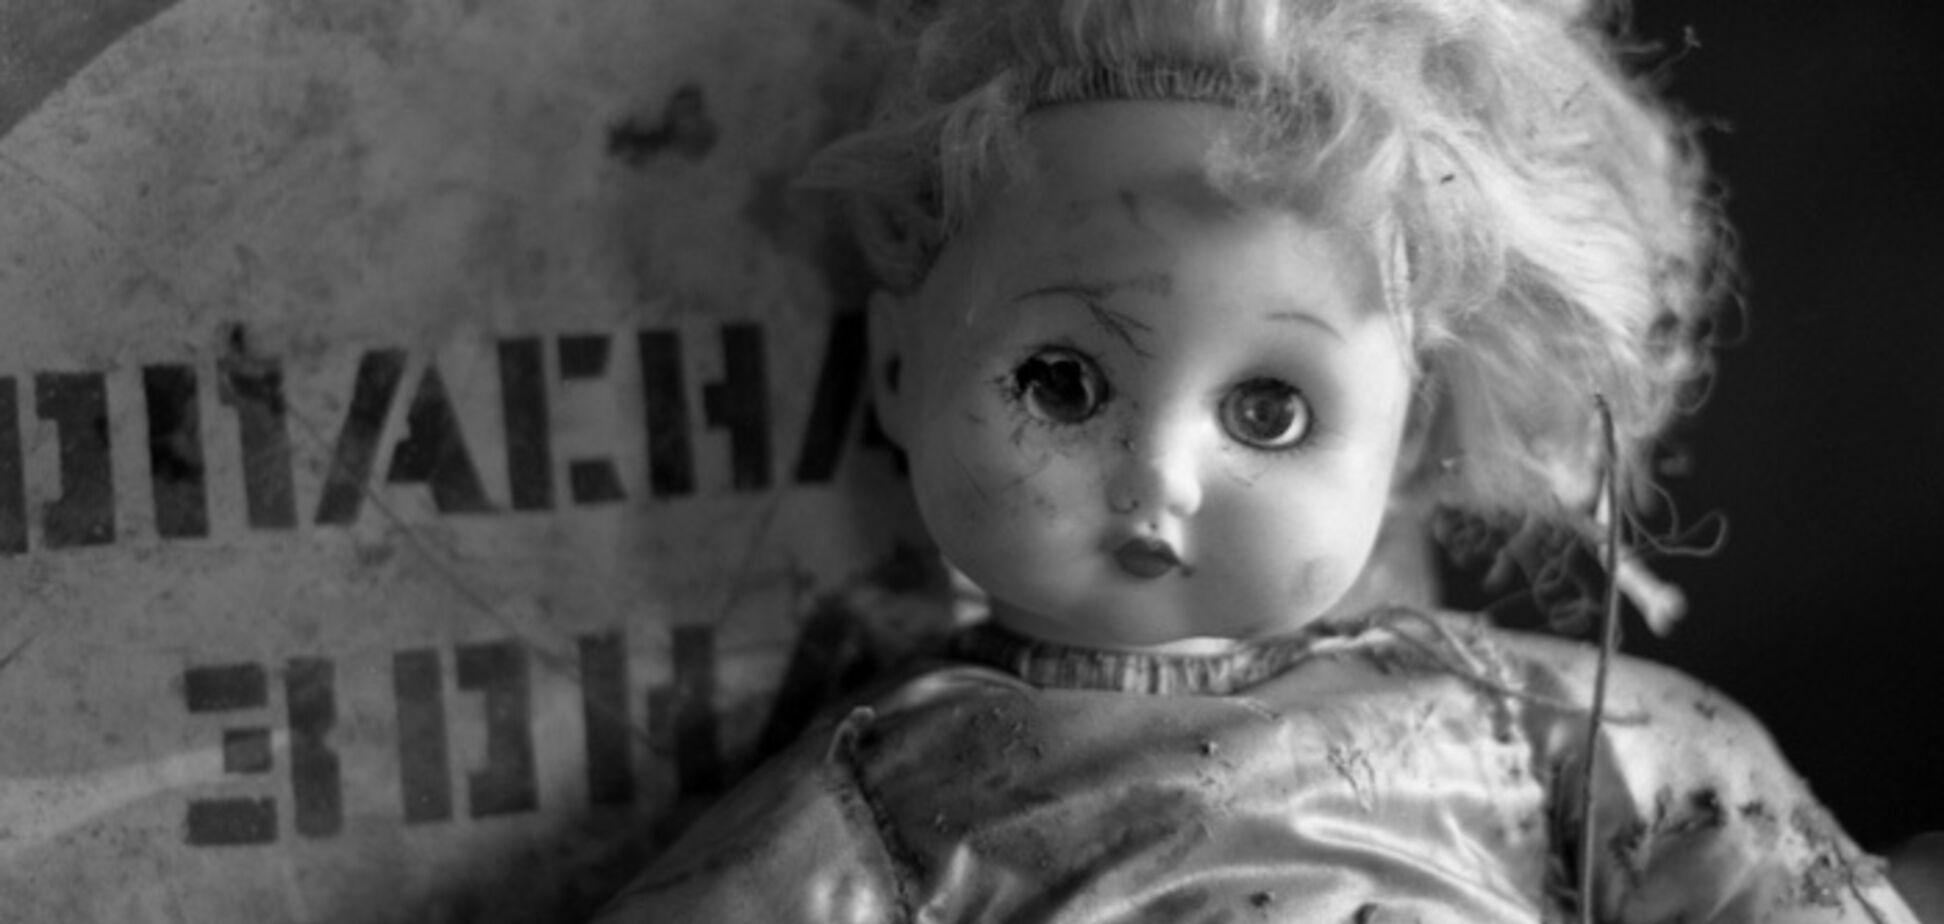 Зґвалтування дитини під Києвом: спливли подробиці про педофіла